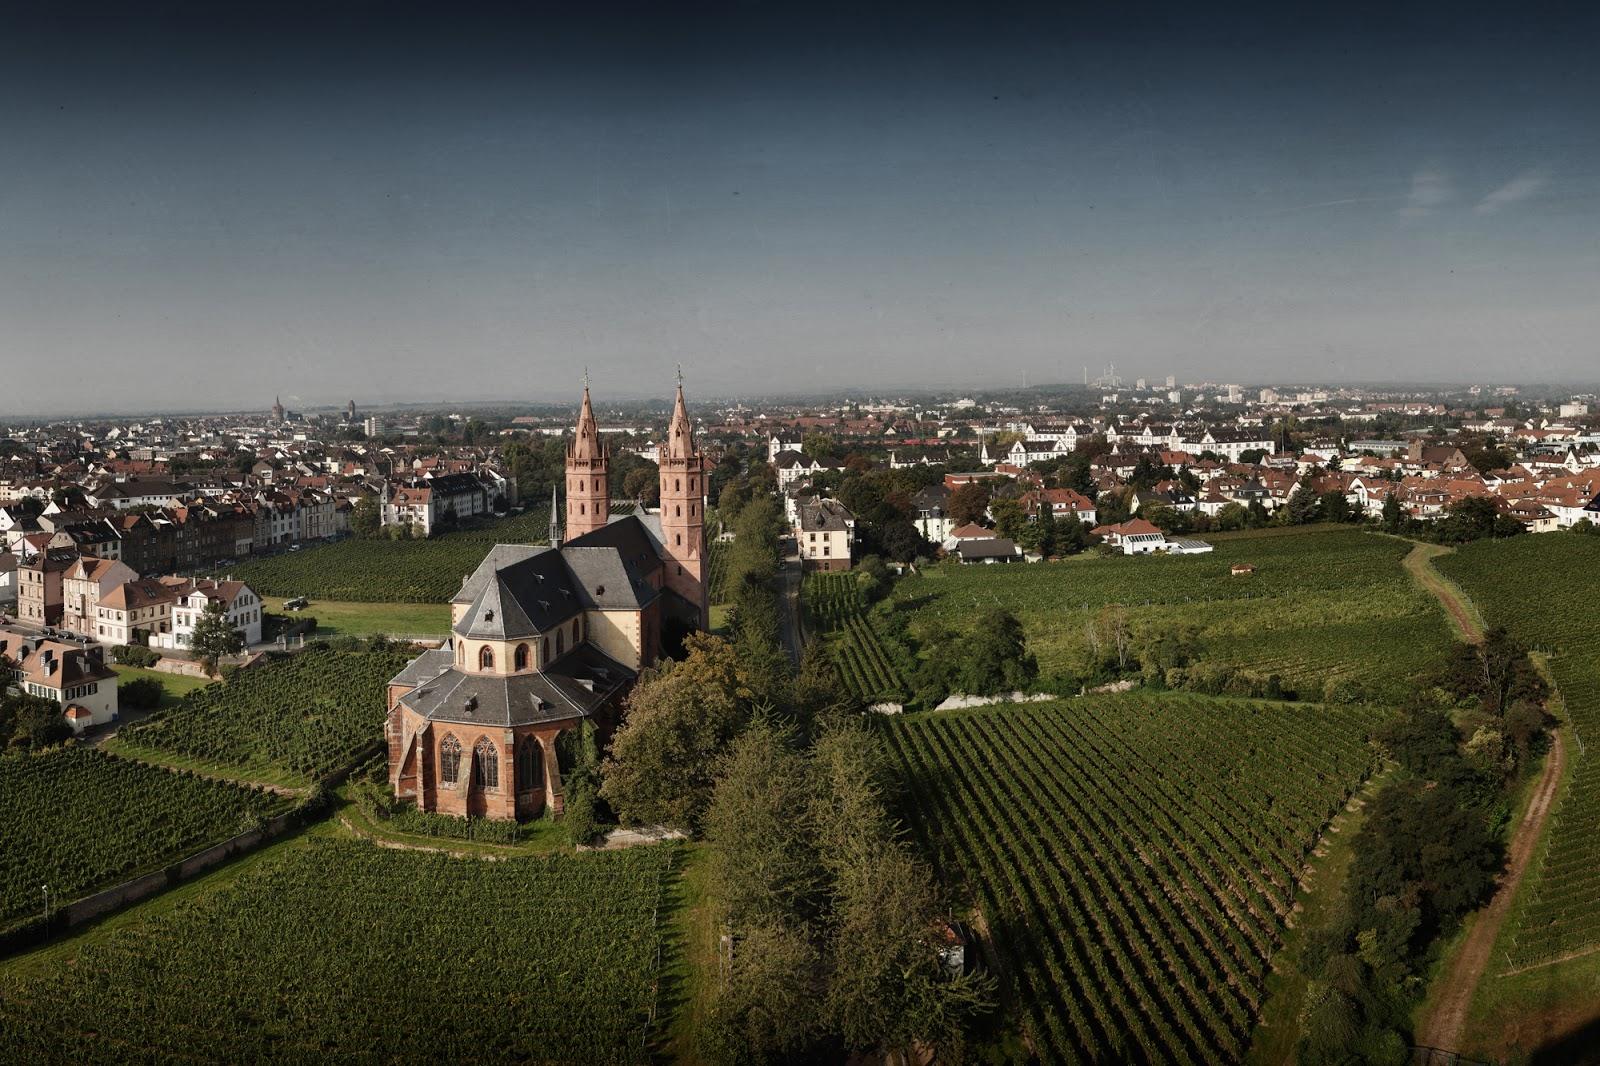 德國萊茵黑森生產「瑪丹娜.聖母之乳」(Liebfrauenmilch Madonna)白葡萄酒的P. J. Valckenberg GmbH酒莊。